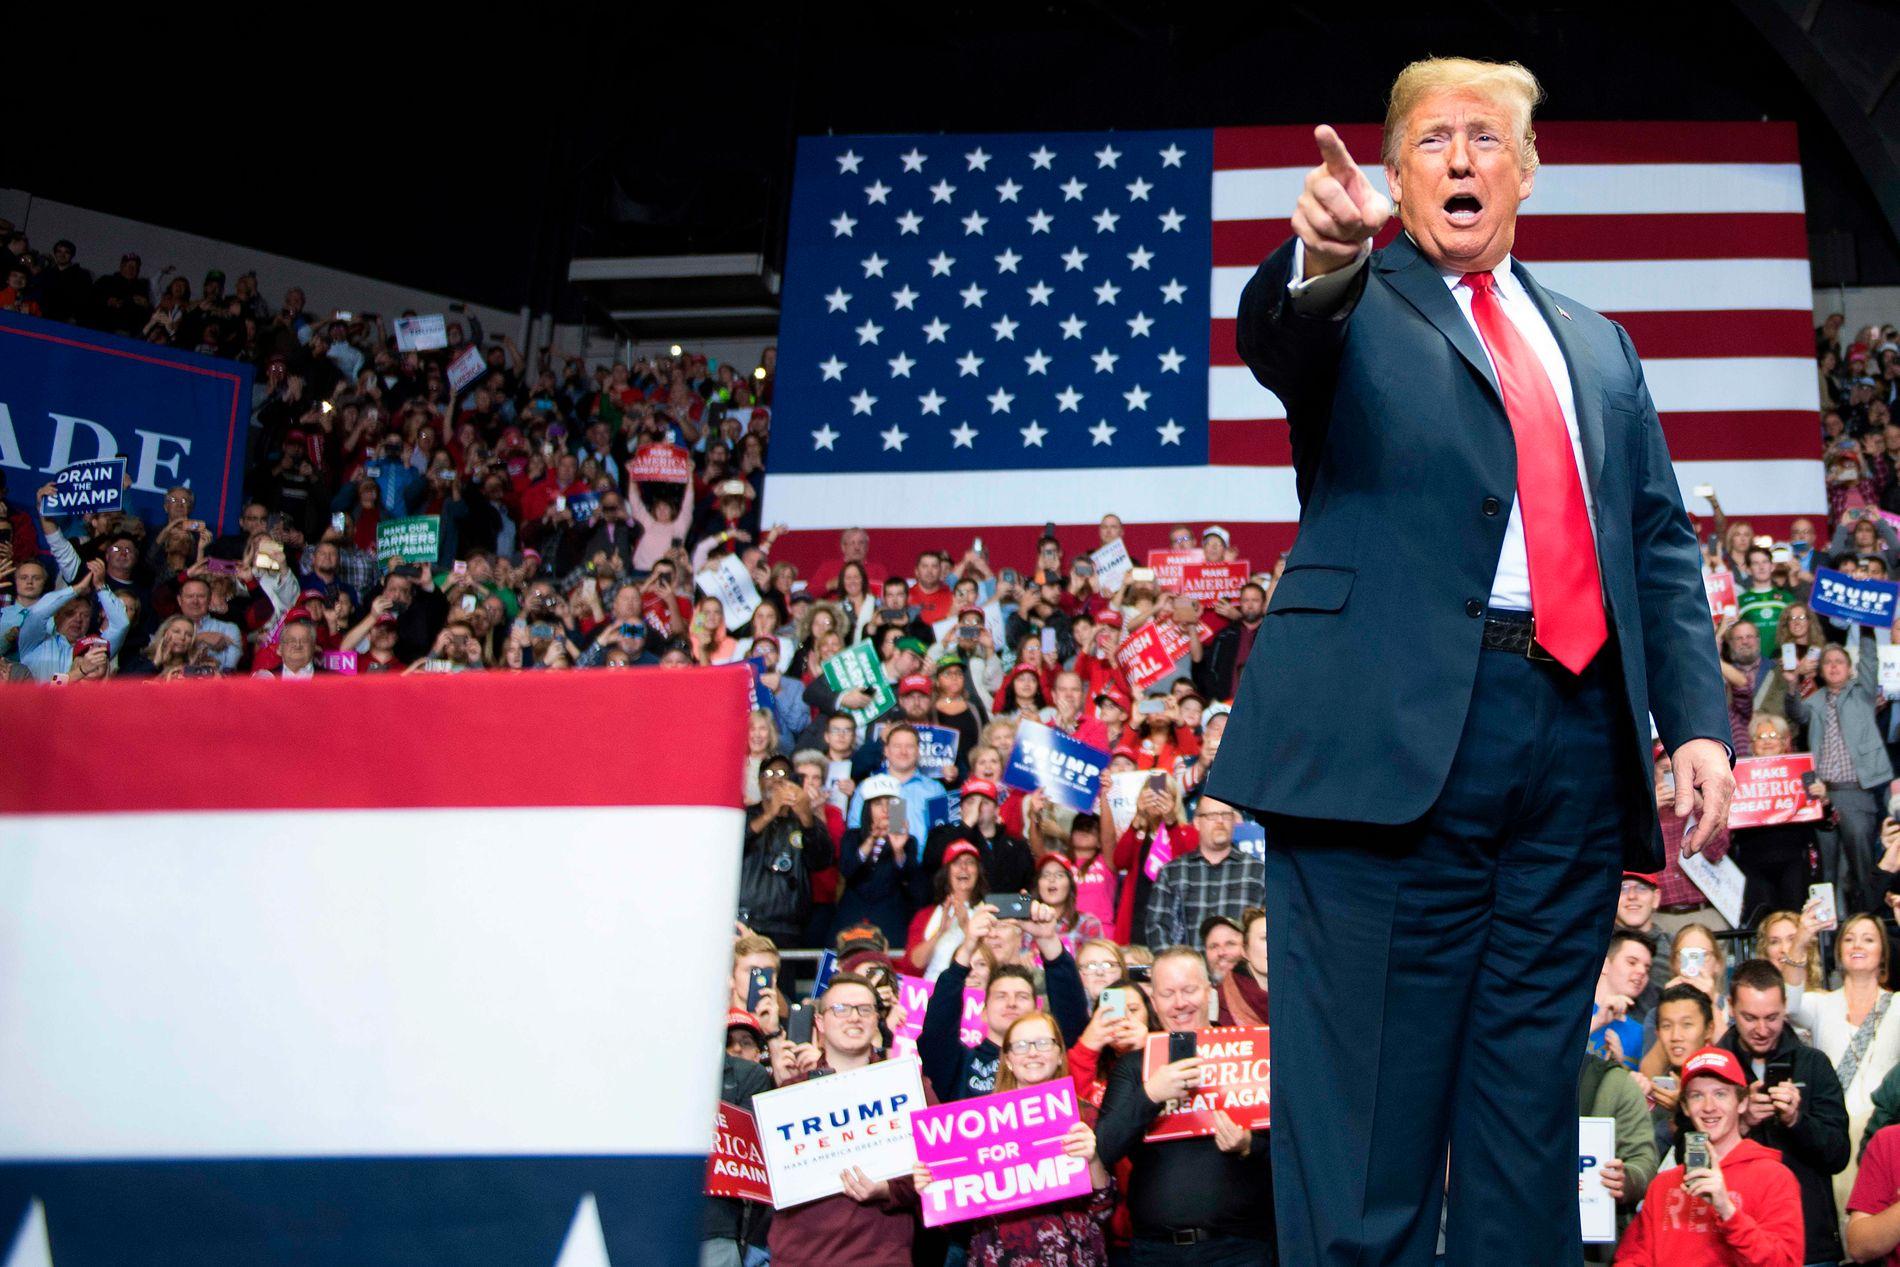 MER SPLITTELSE: Donald Trump vil møte motstand, og det blir spennende å se hvordan han reagerer, mener USA-kjenner.